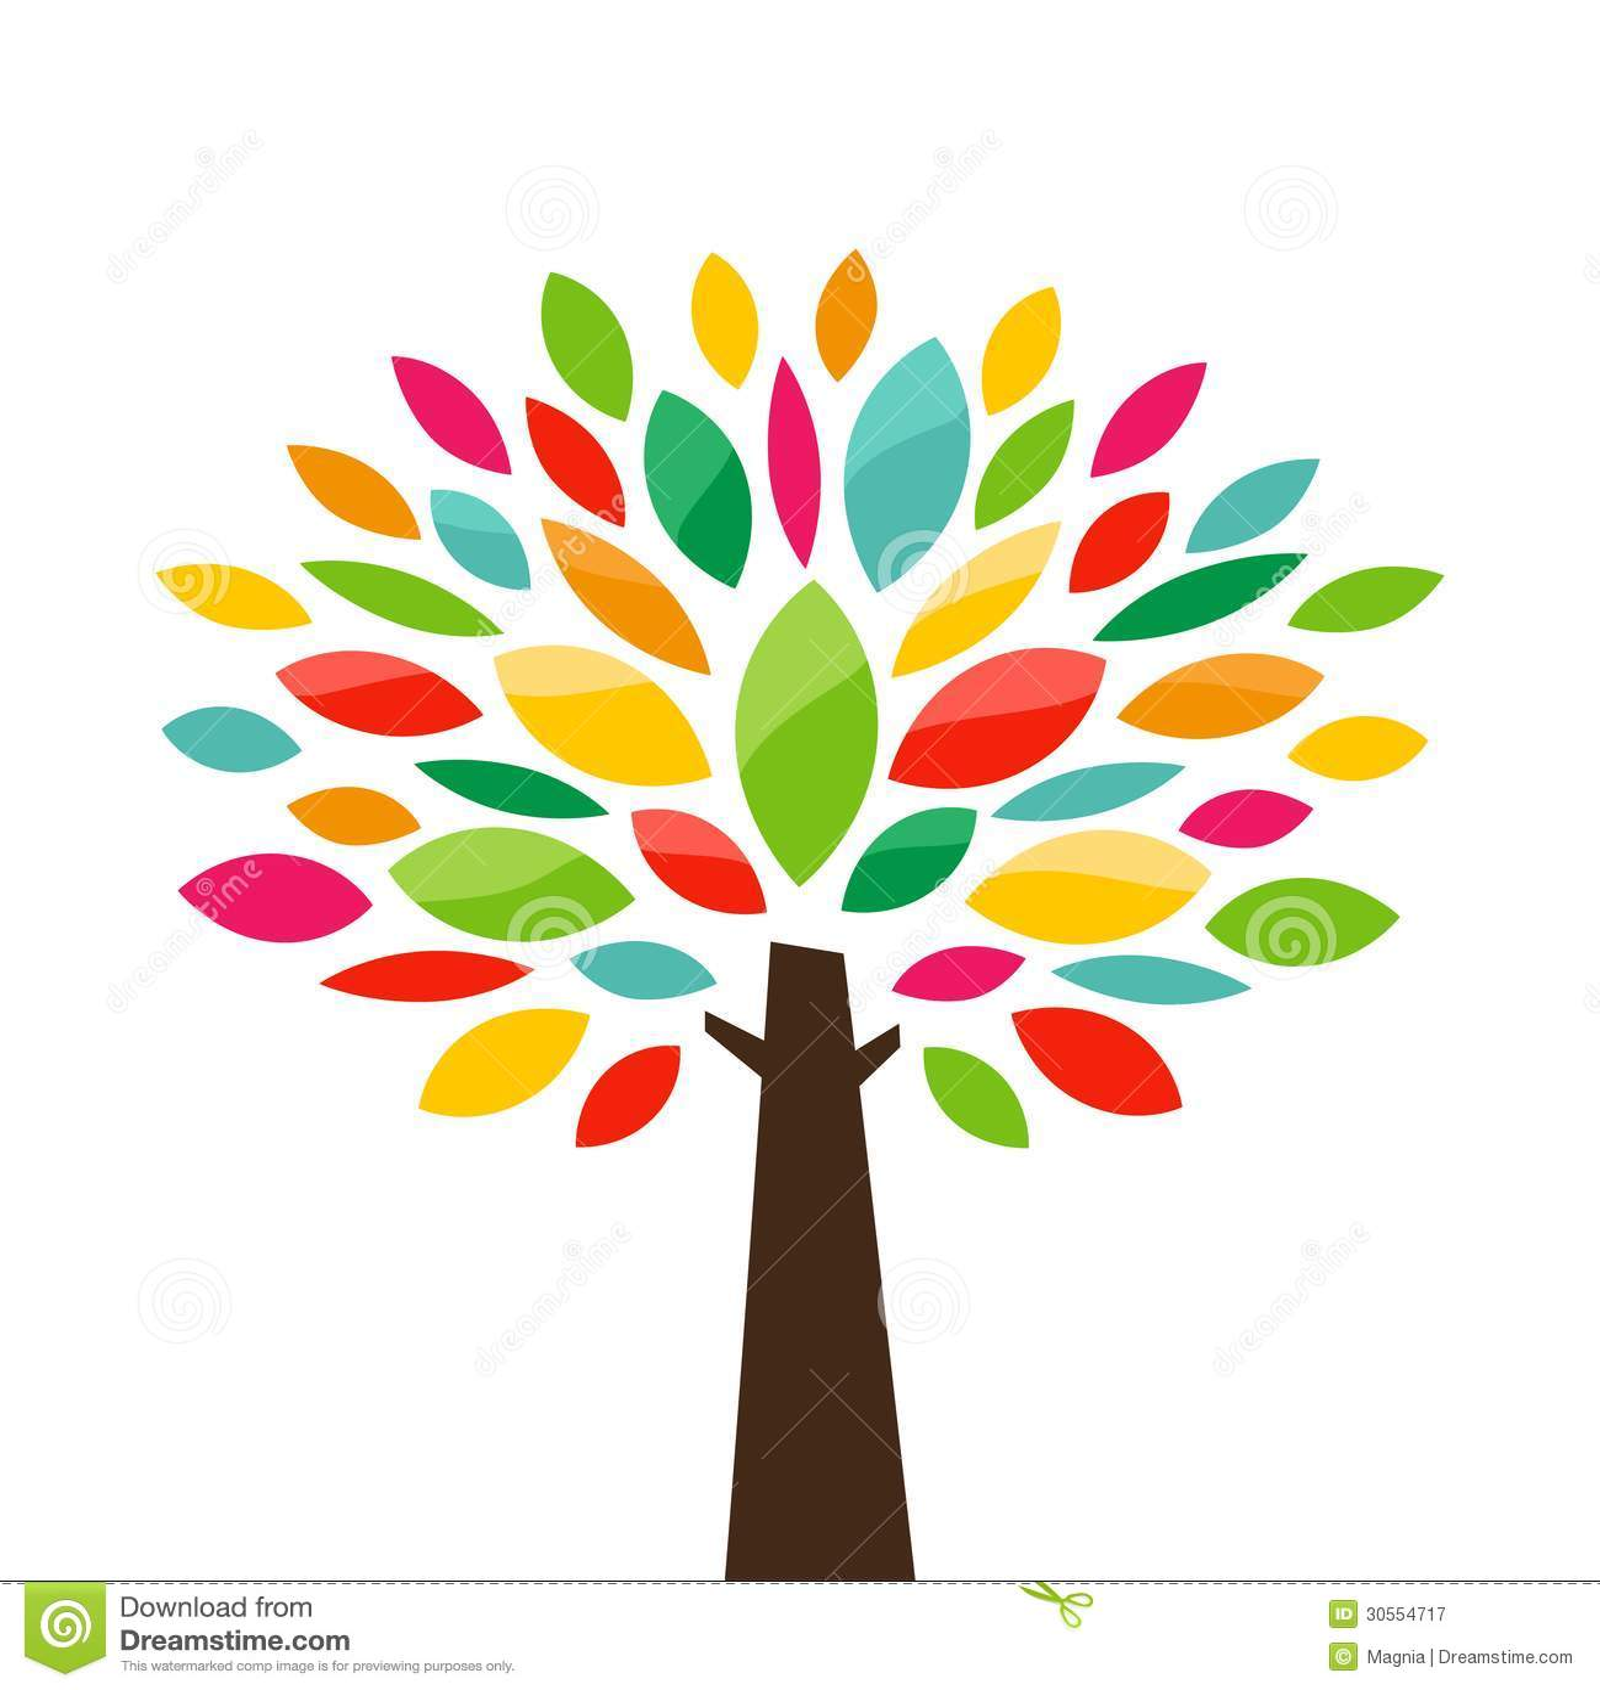 Stylized Tree Royalty Free Stock Photography - Image: 30554717